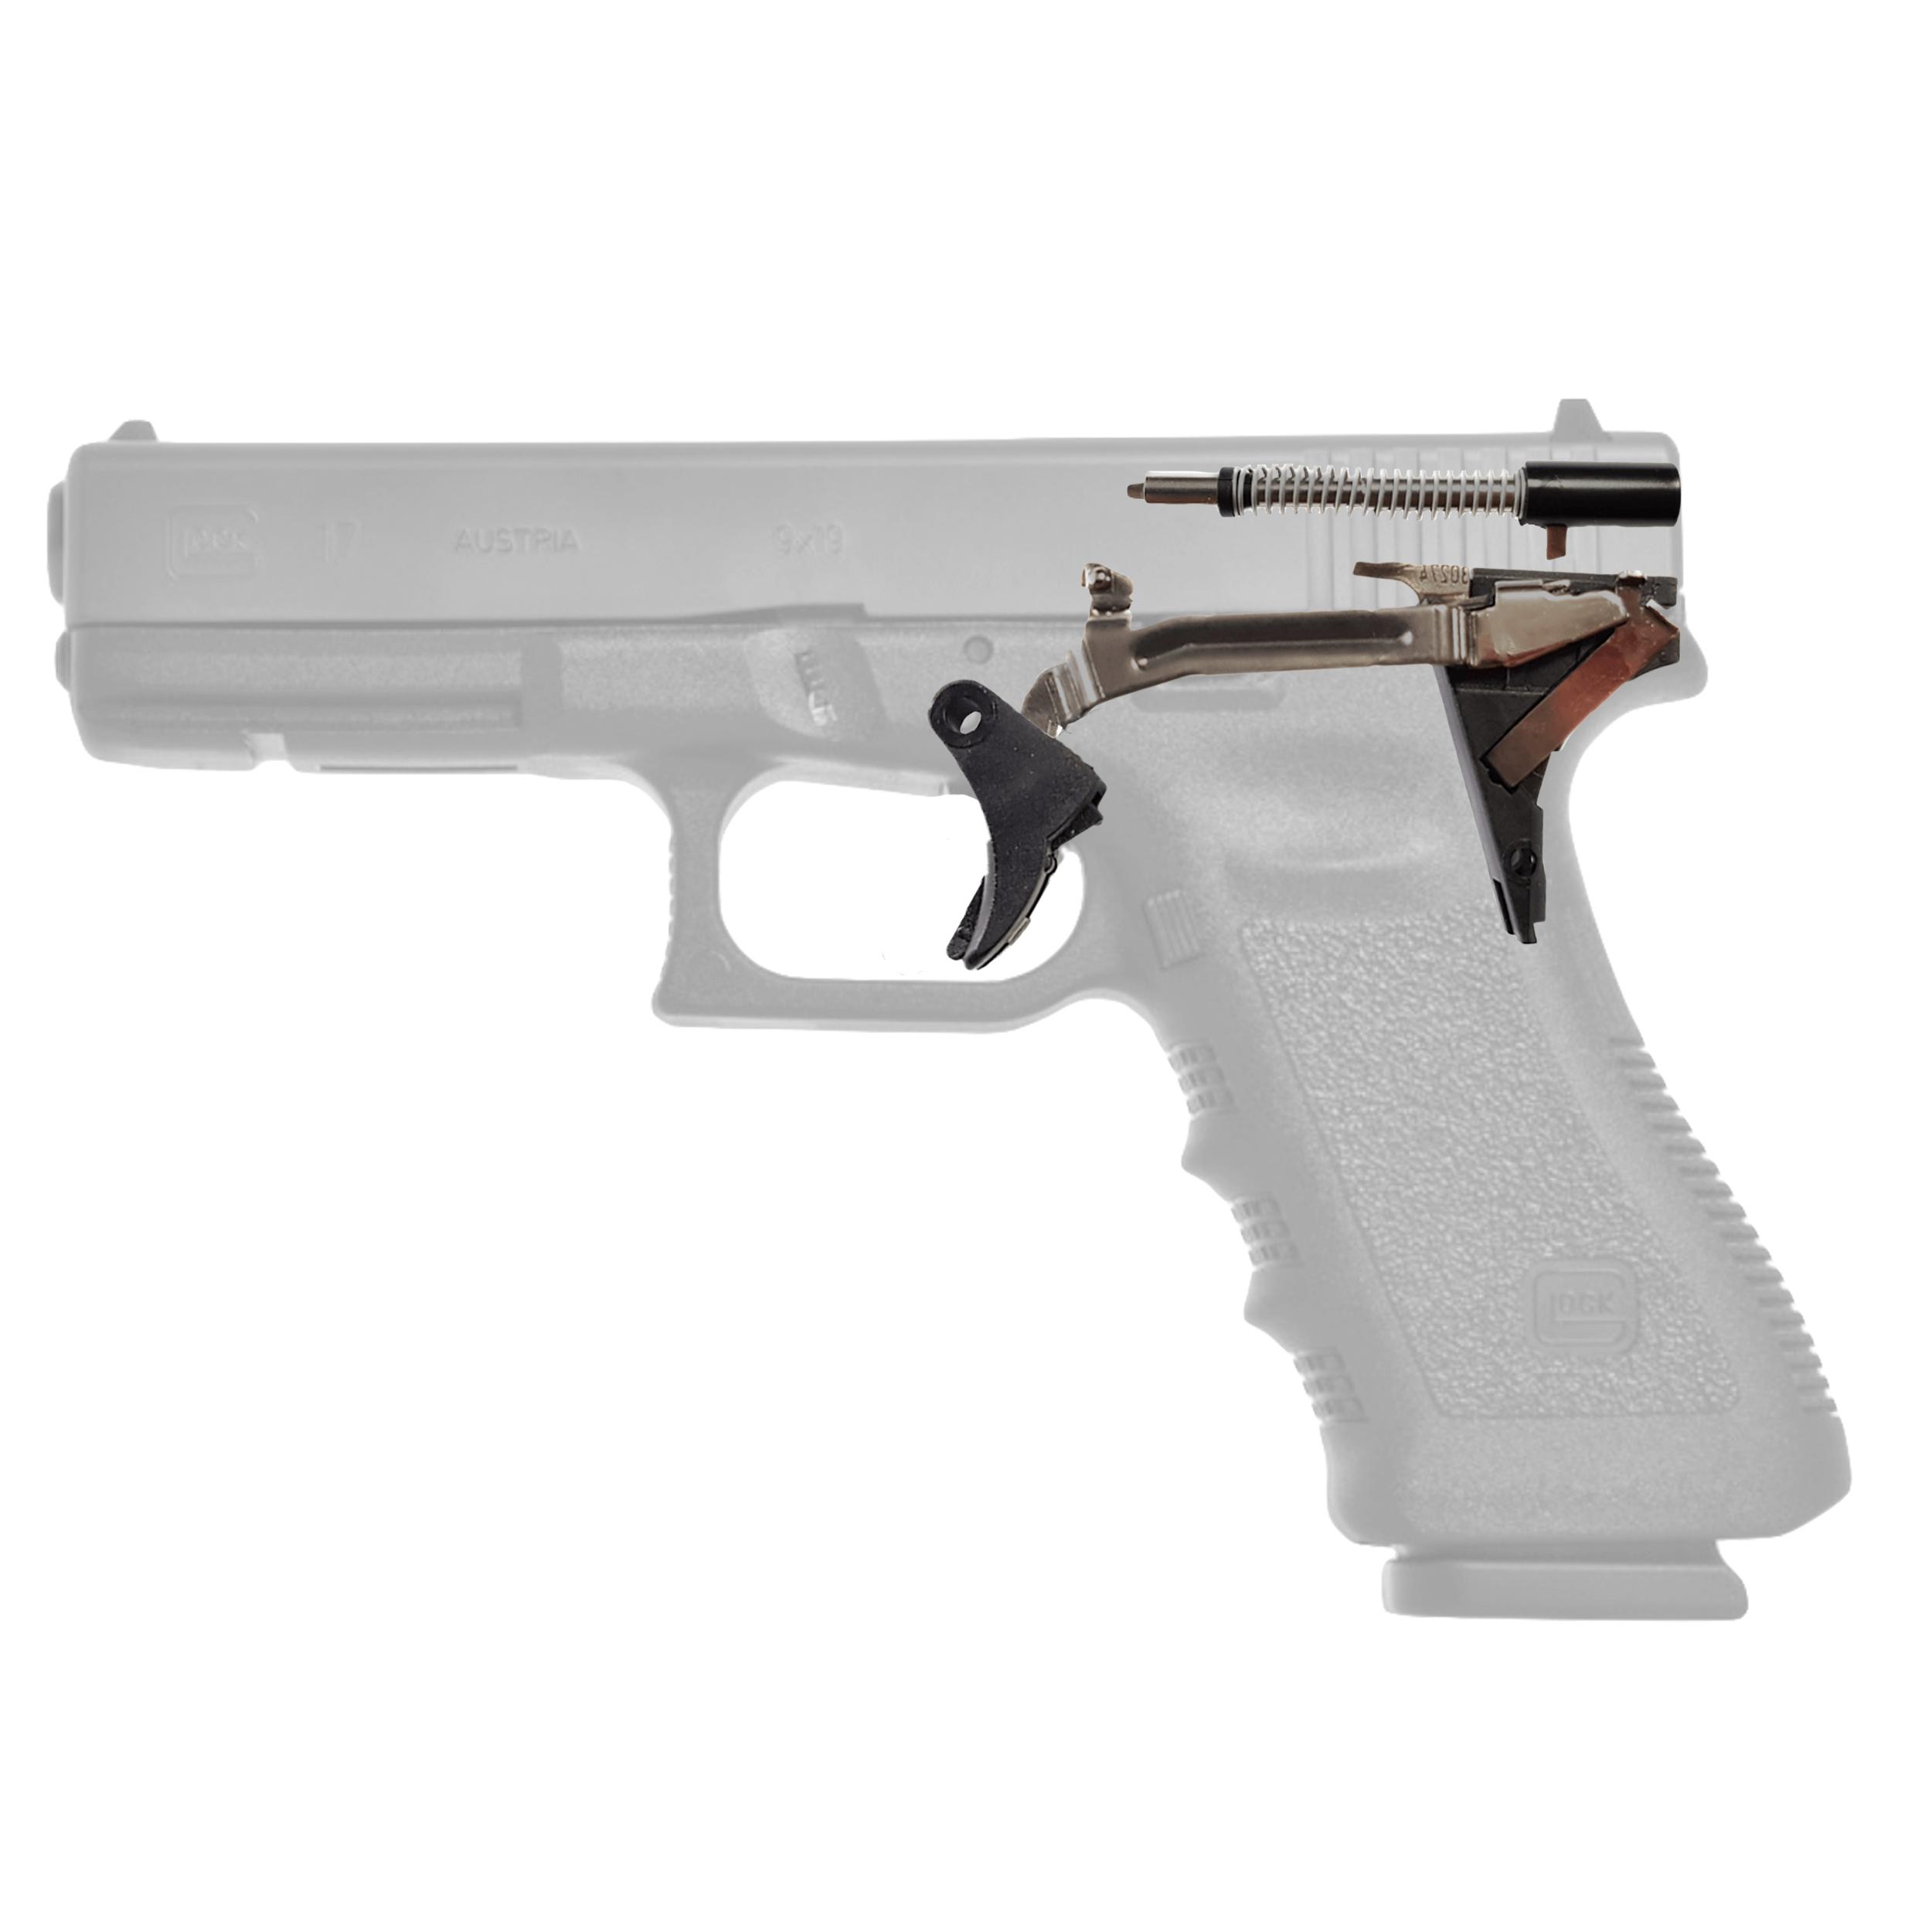 LA-GRT-A Reset Trigger Glock 9mm / .40 S & W / .357 SIG - Gen 3